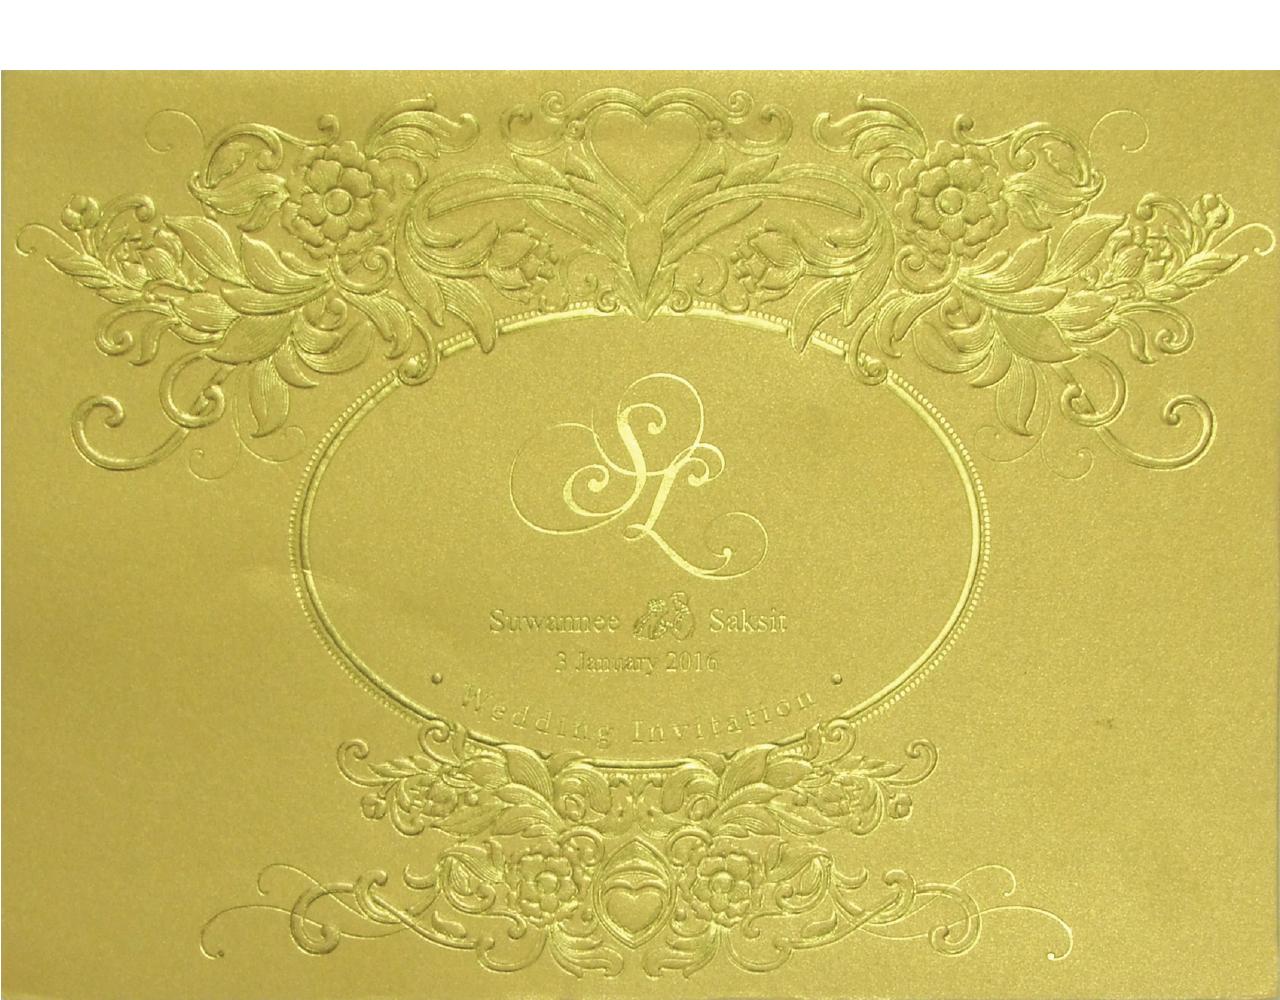 การ์ดแต่งงาน การ์ดเชิญงานแต่ง สีมุกทอง แบบหรูๆ ใบใหญ่ ปั๊มนูน พิมพ์ทองเค Wedding 15.3 x 21.3 cm SP 5815 Gold